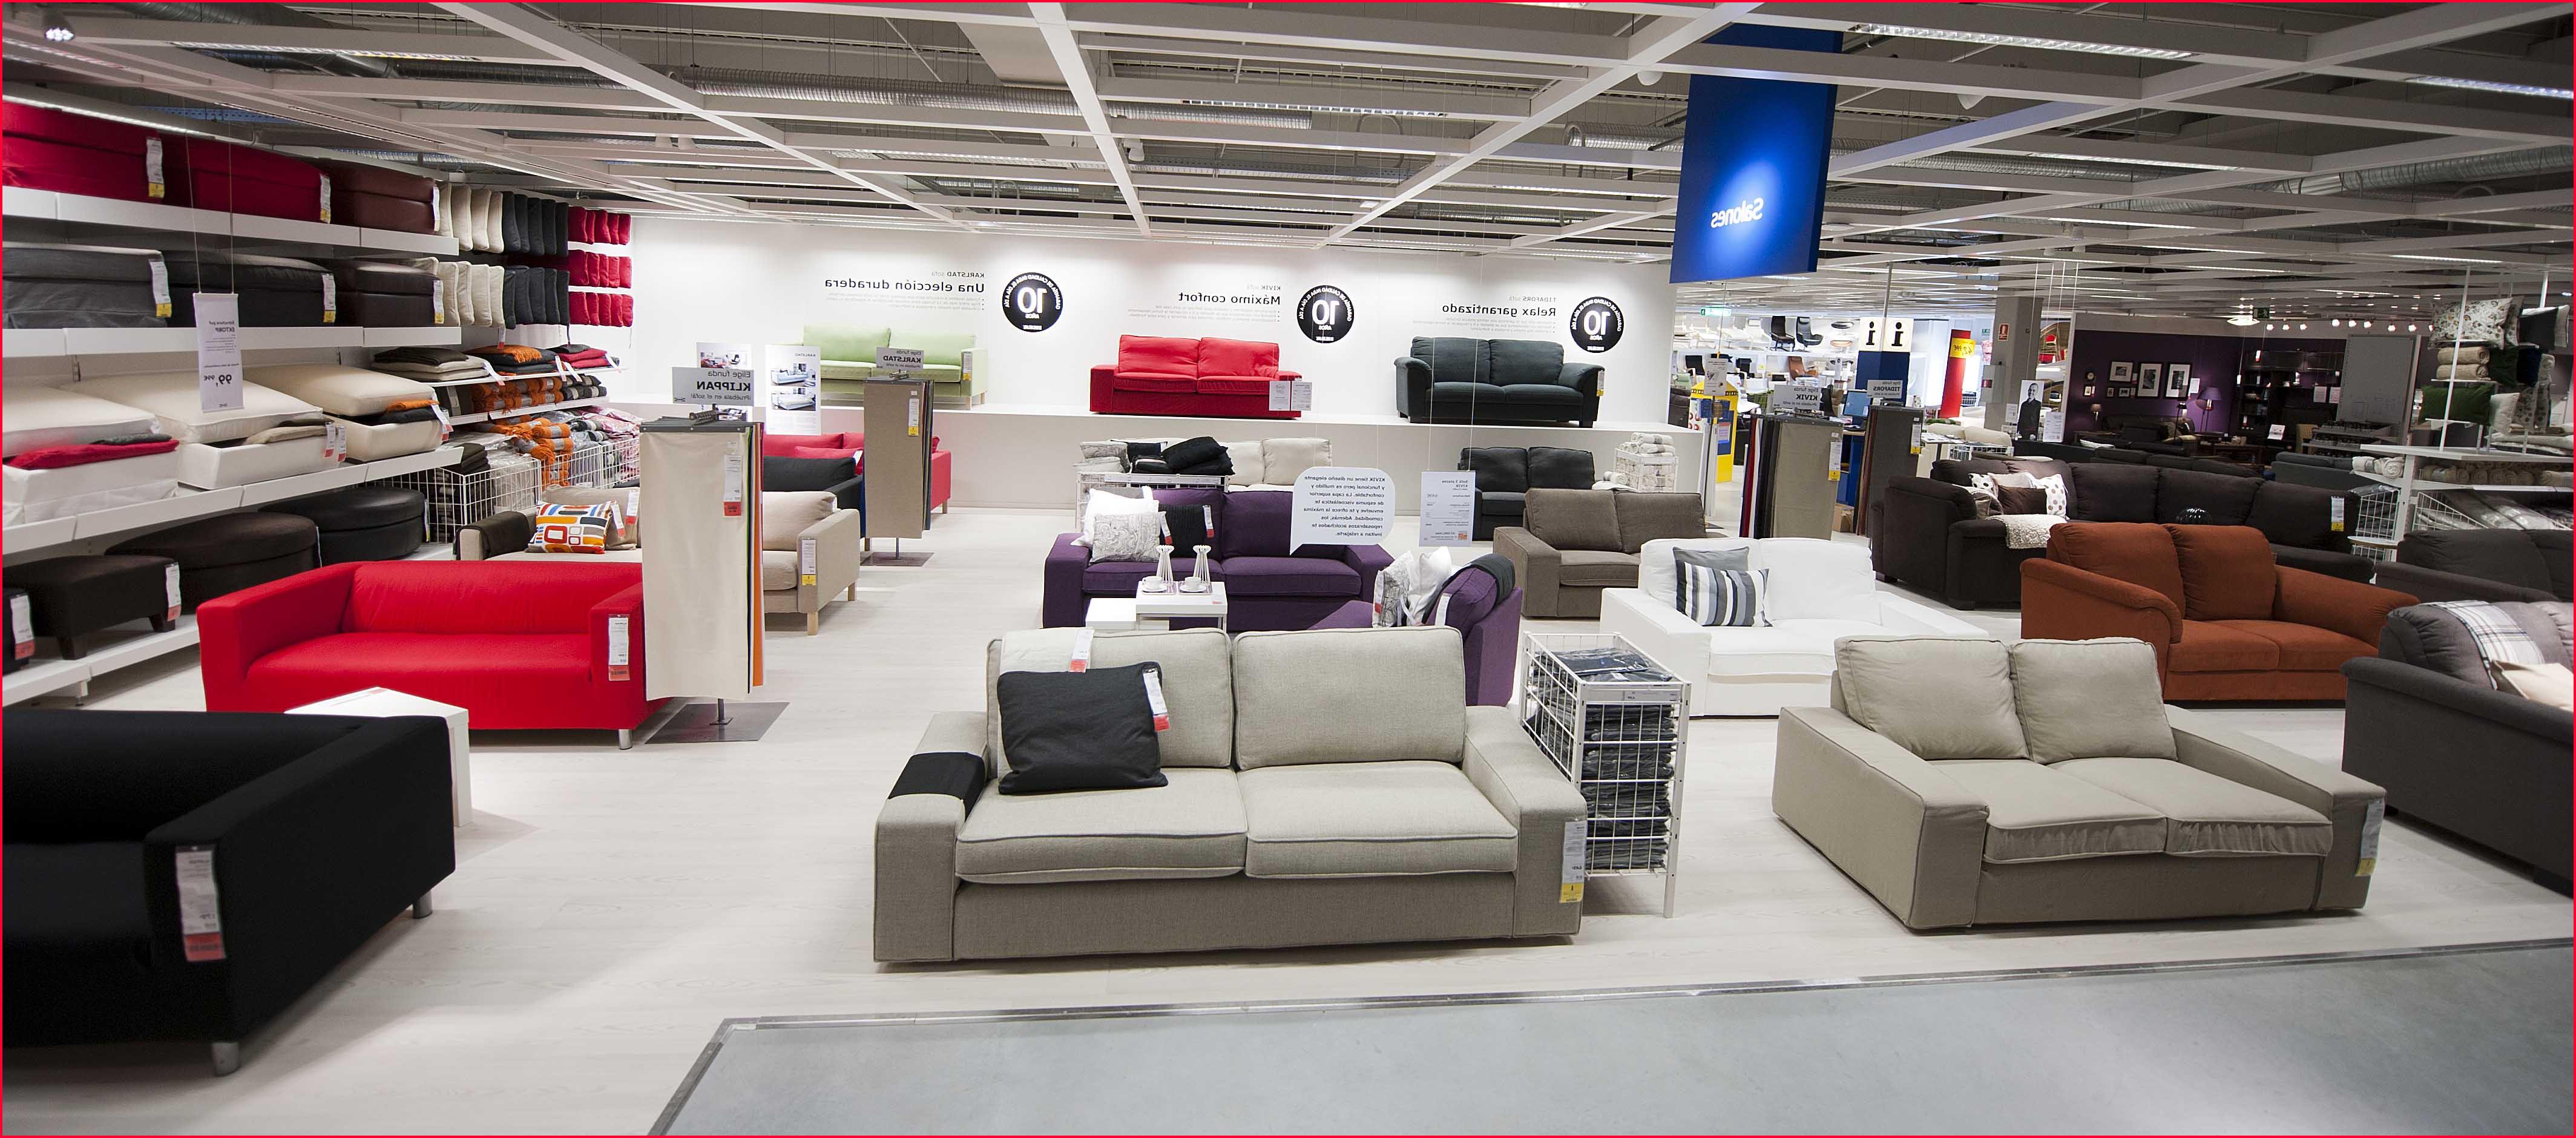 Se Compran Muebles Usados Irdz Pra Muebles Usados Madrid Ikea Redecora Su Negocio Se Abre